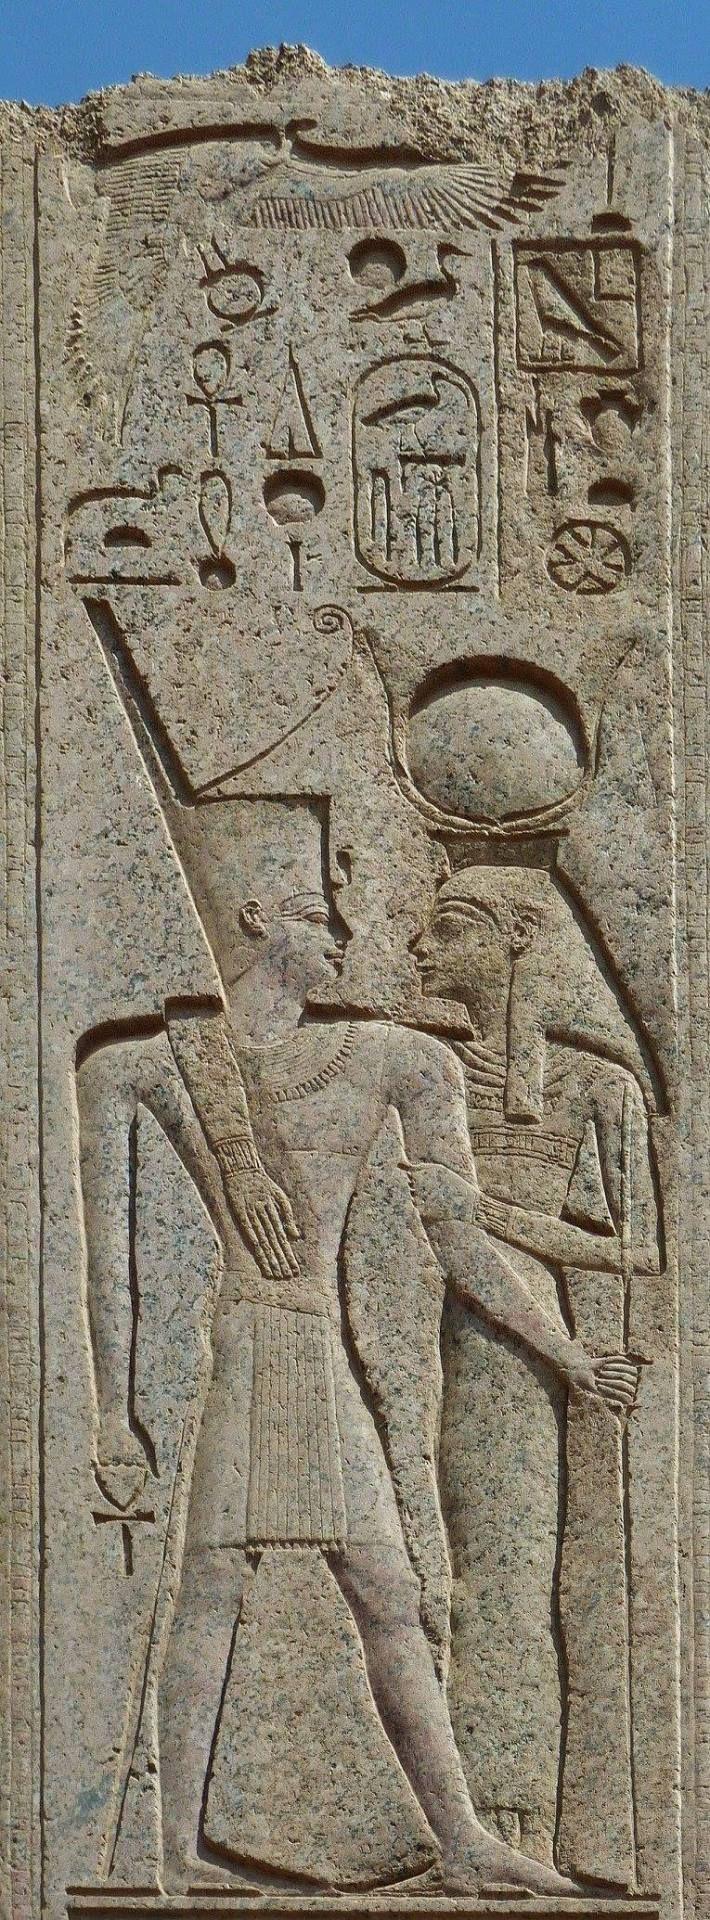 Relieve en TEMPLO DE AMON RA en Karnak. Representa a la diosa HATHOR abrazando a AMENHOTEP III portando la corona roja del Bajo Egipto. Noveno faraón de la Dinastía XVIII del Imperio Nuevo. Reinado 1391 a 1353 a.C. Padre de Akenatón y abuelo de Tutankamón.